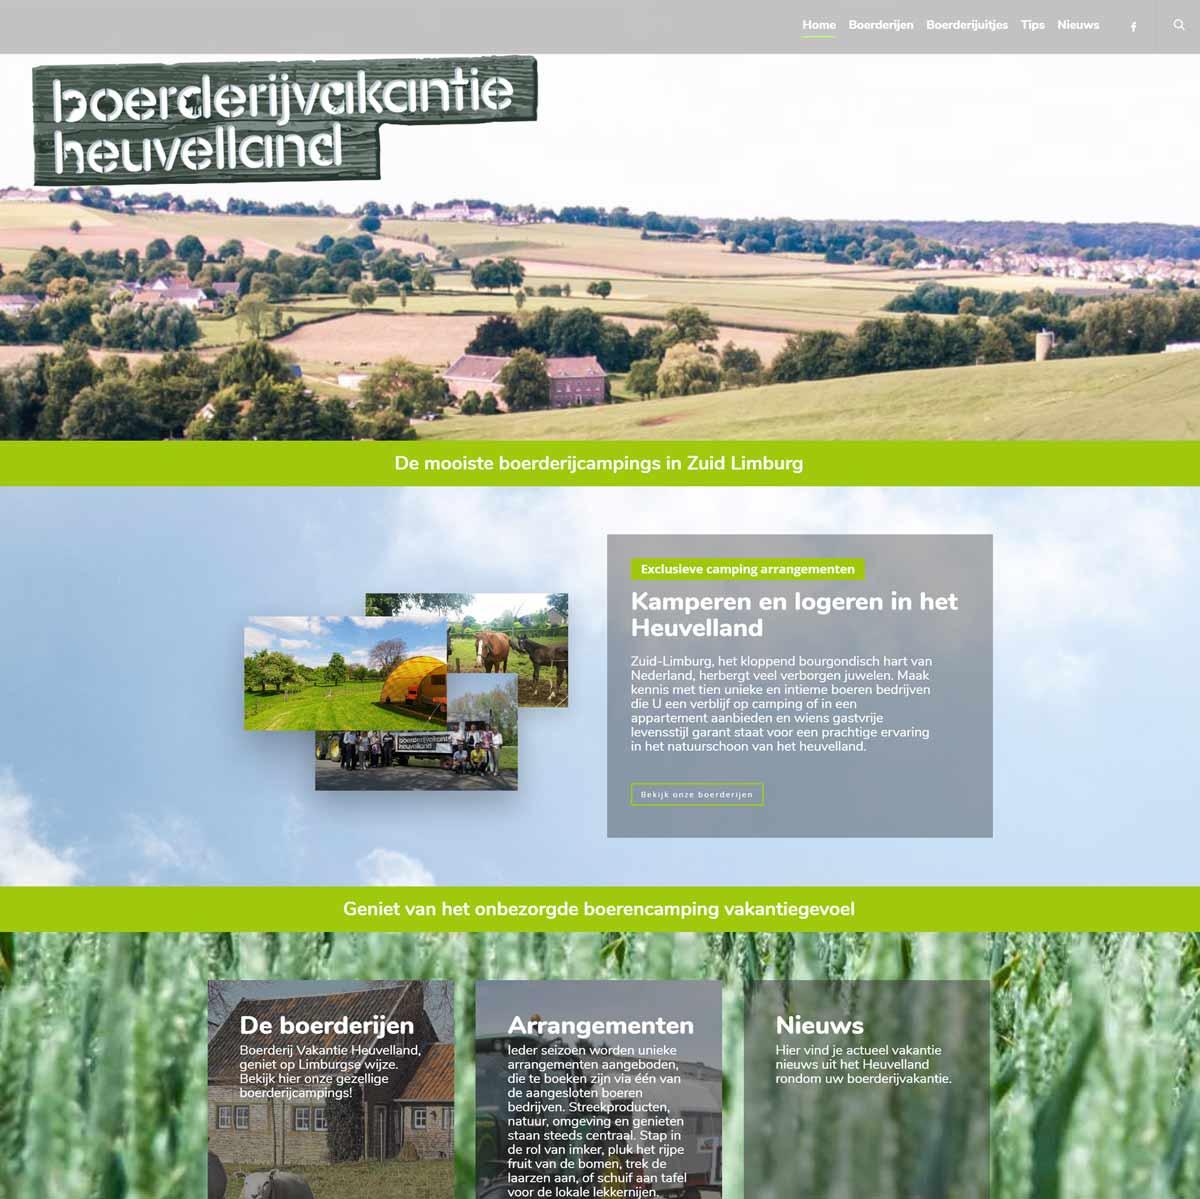 Boerderijvakantie Heuvelland